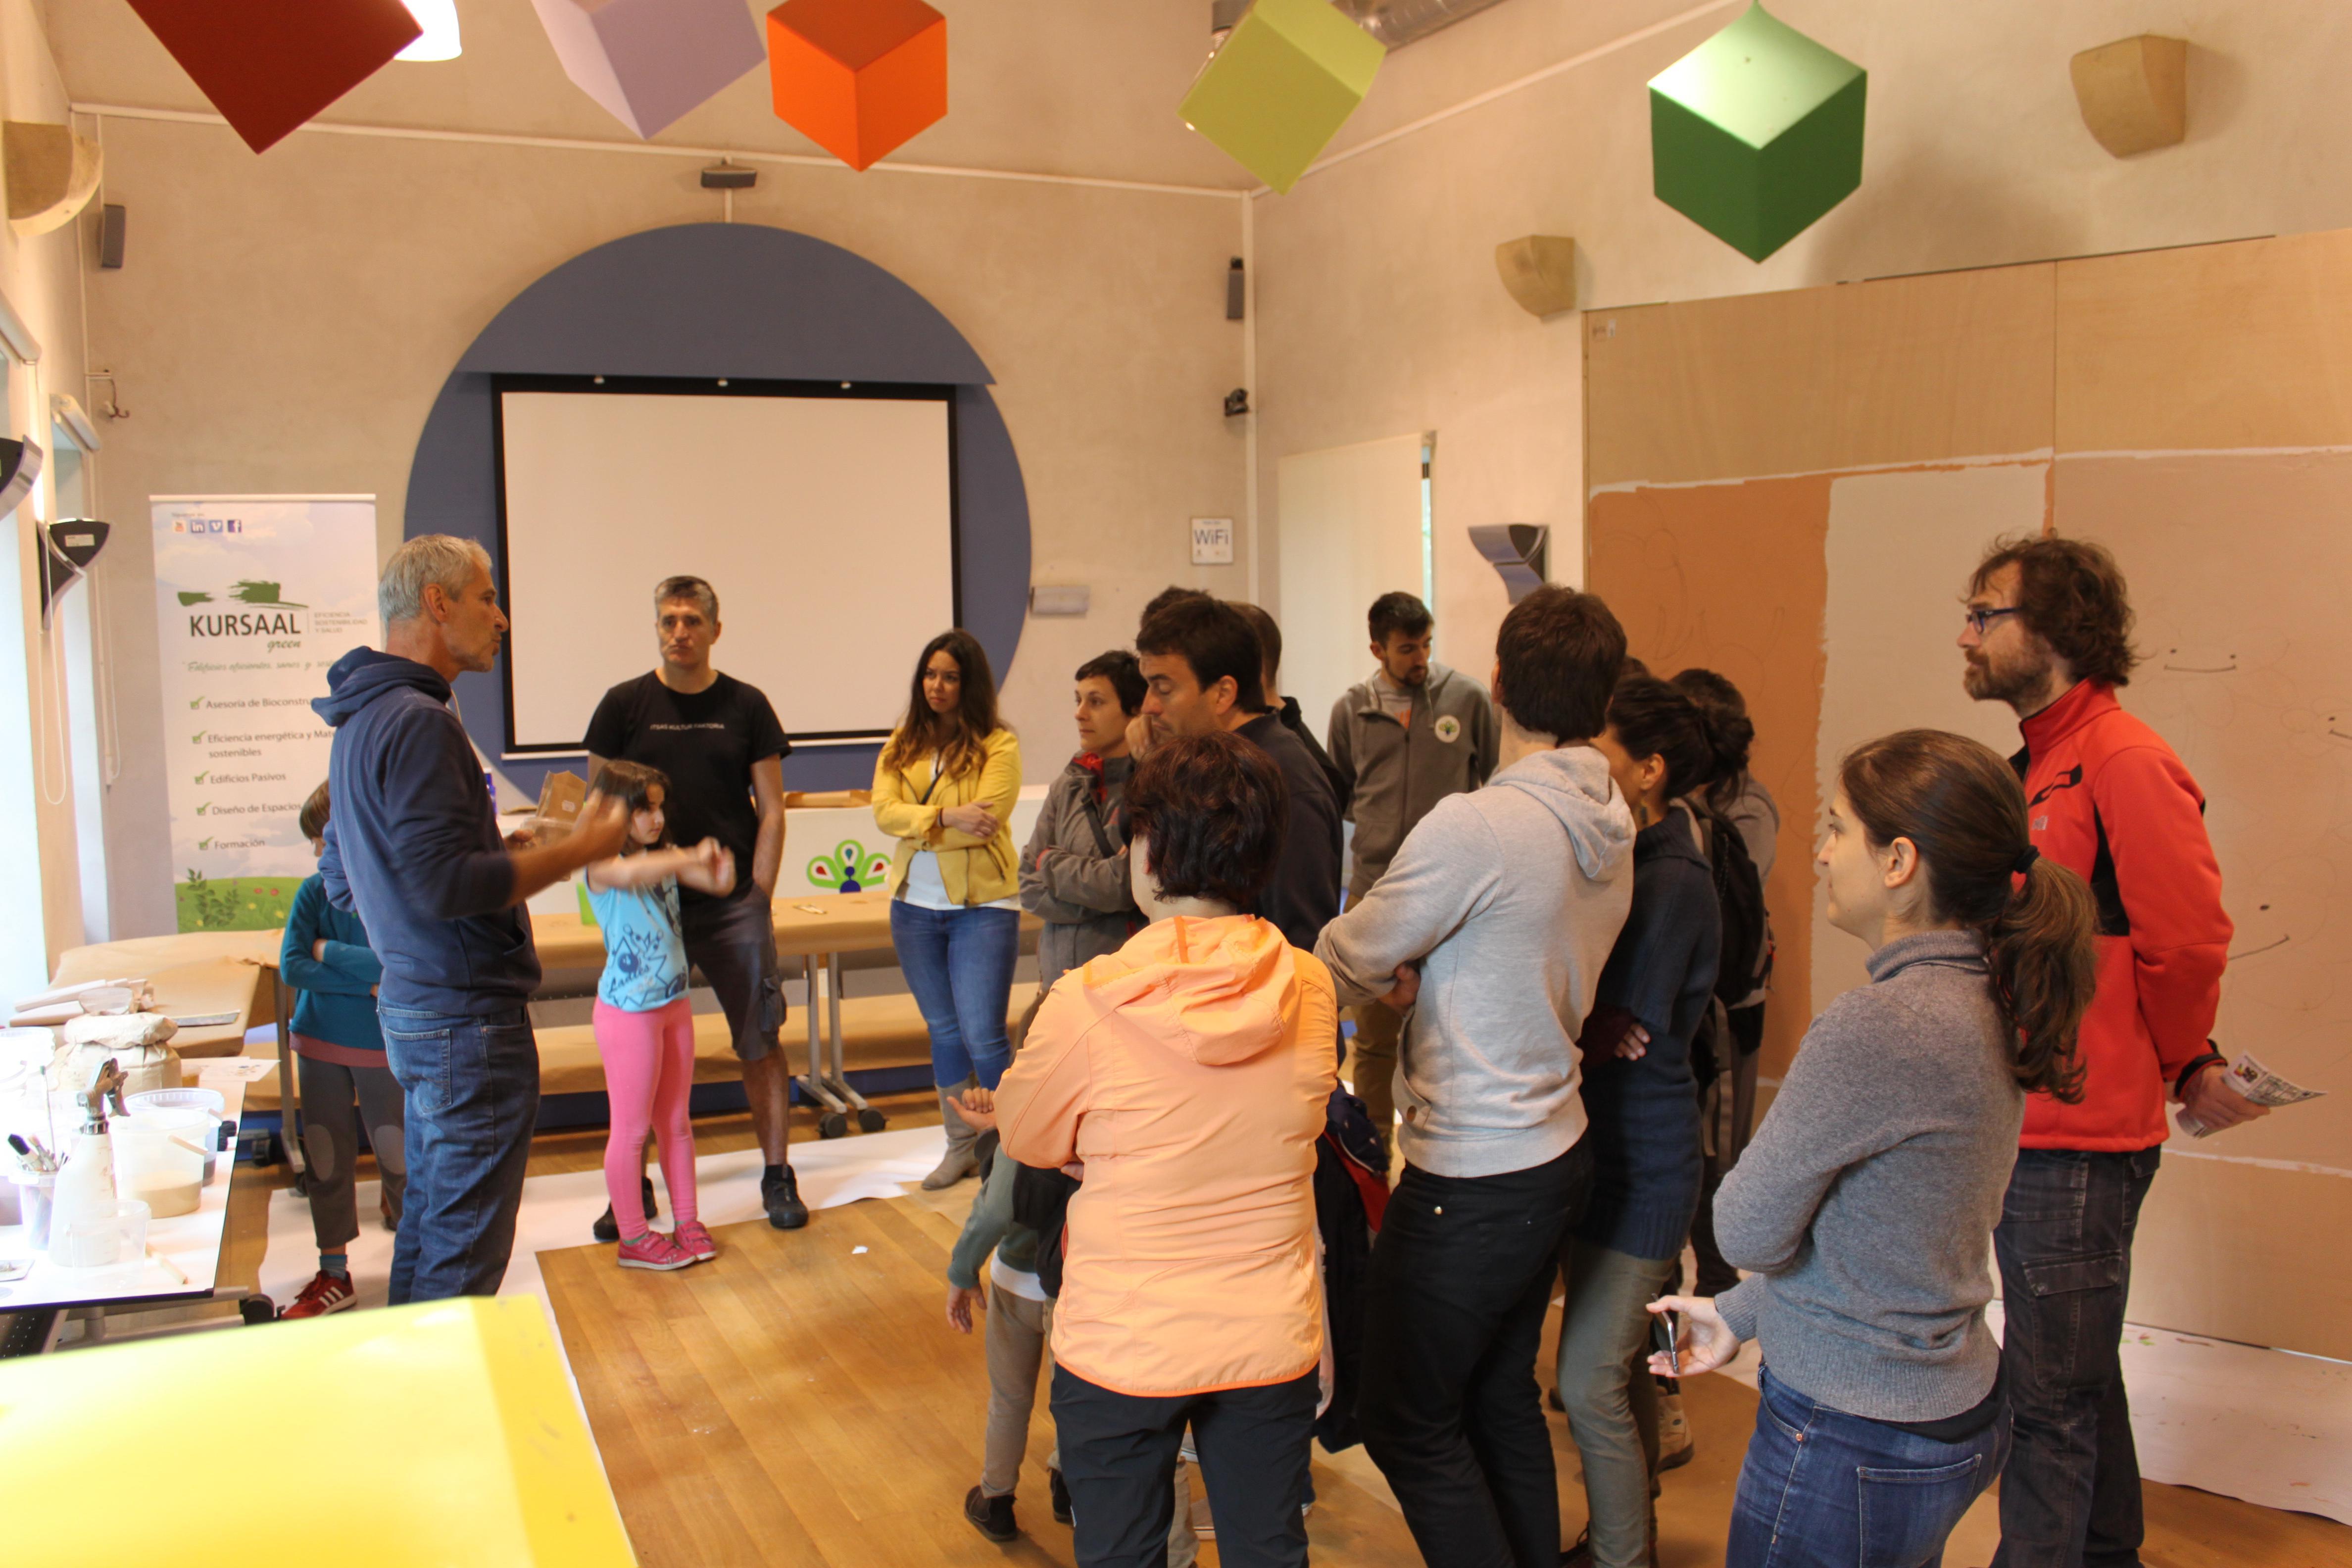 foto noticia: Los talleres cierran la 2ª Semana de la Bioconstrucción organizada por Kursaal Green, IEB, Cristina Enea y Kutxa Ekogunea